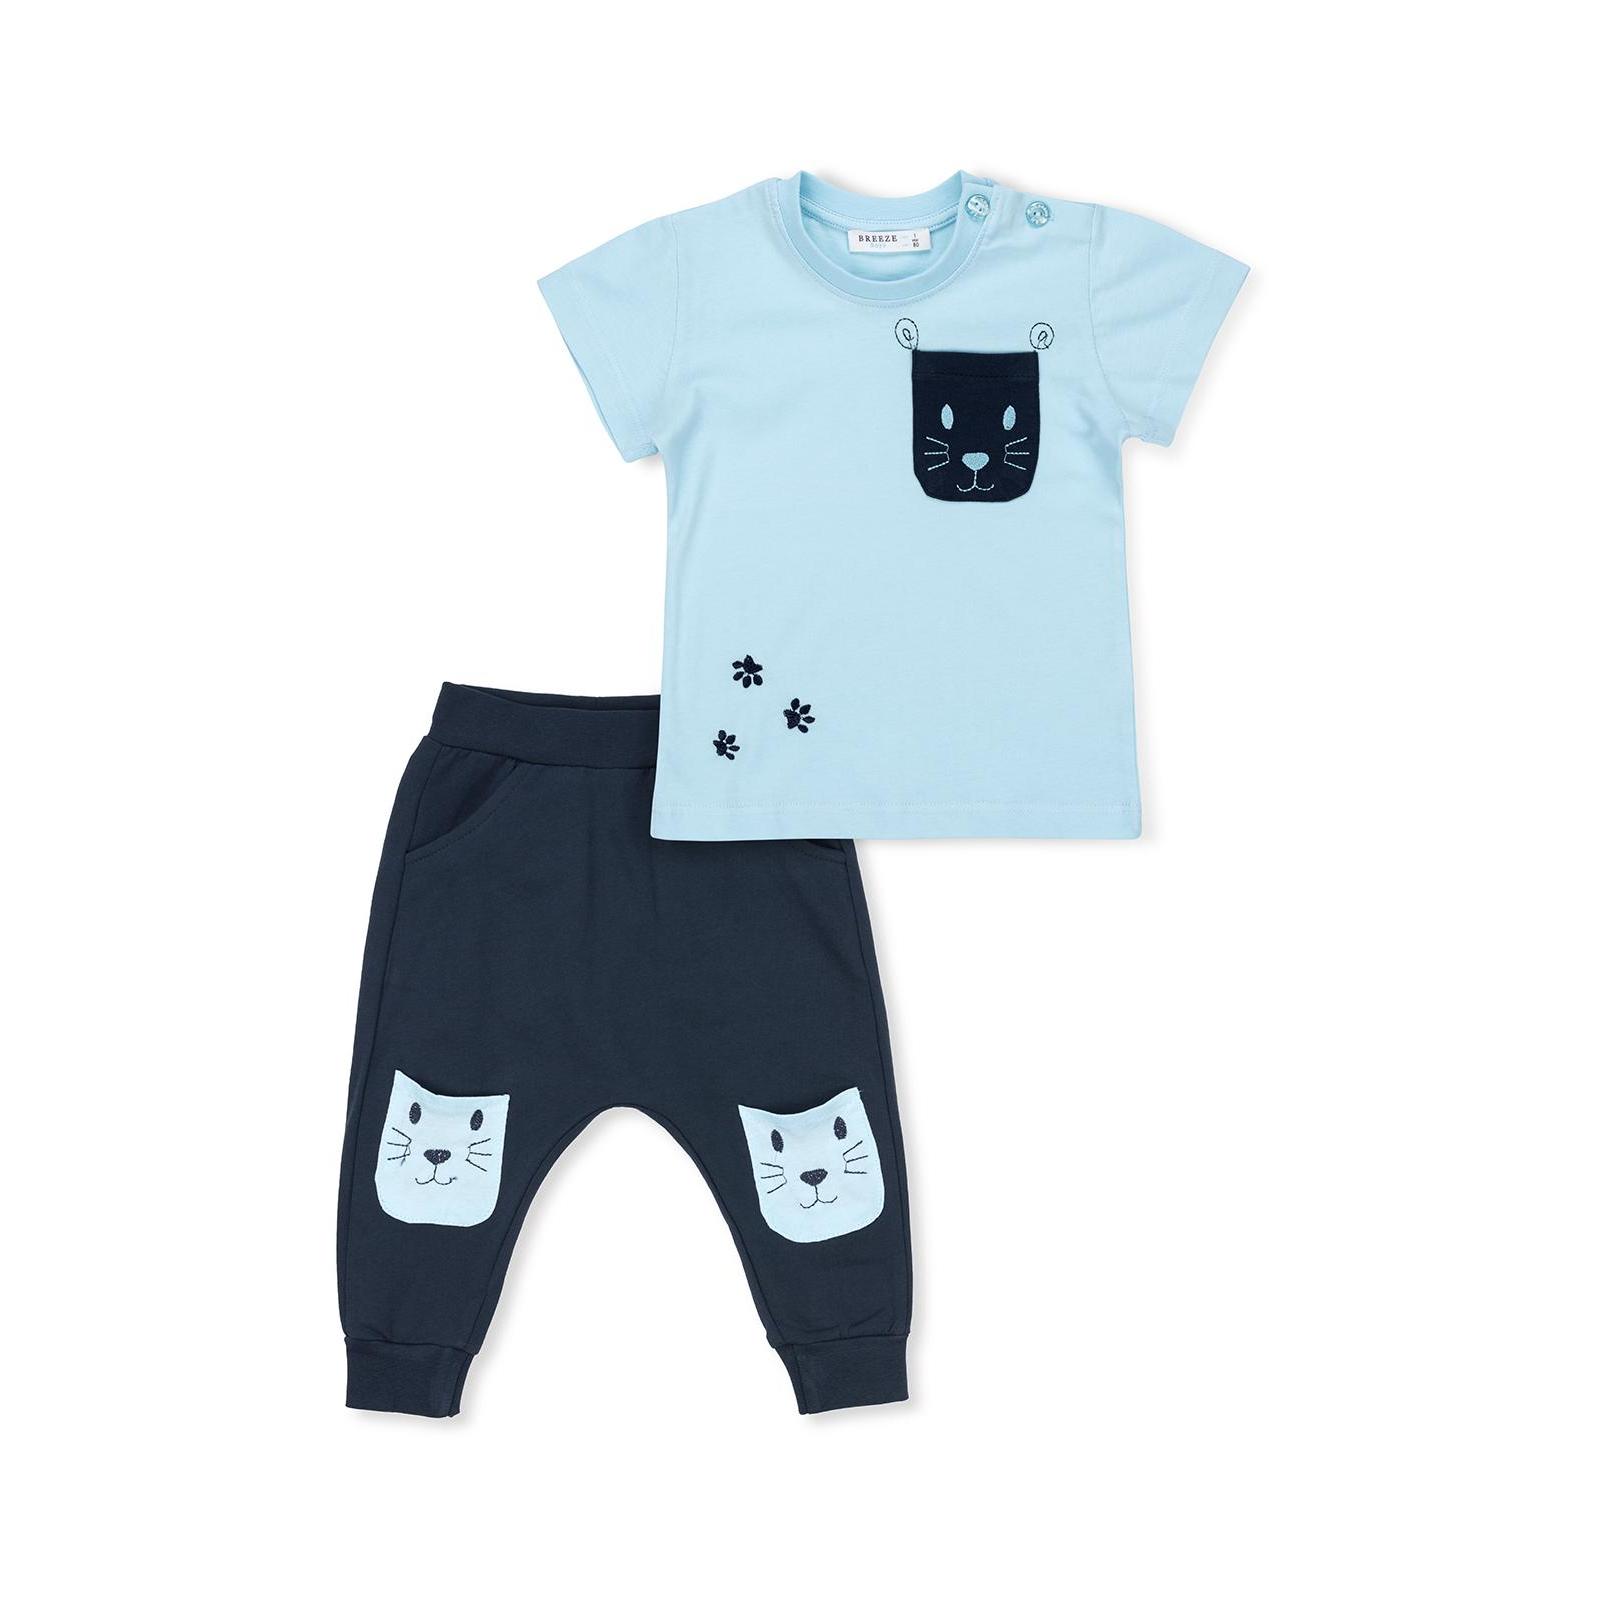 Набор детской одежды Breeze с карманчиками (10234-86G-blue)